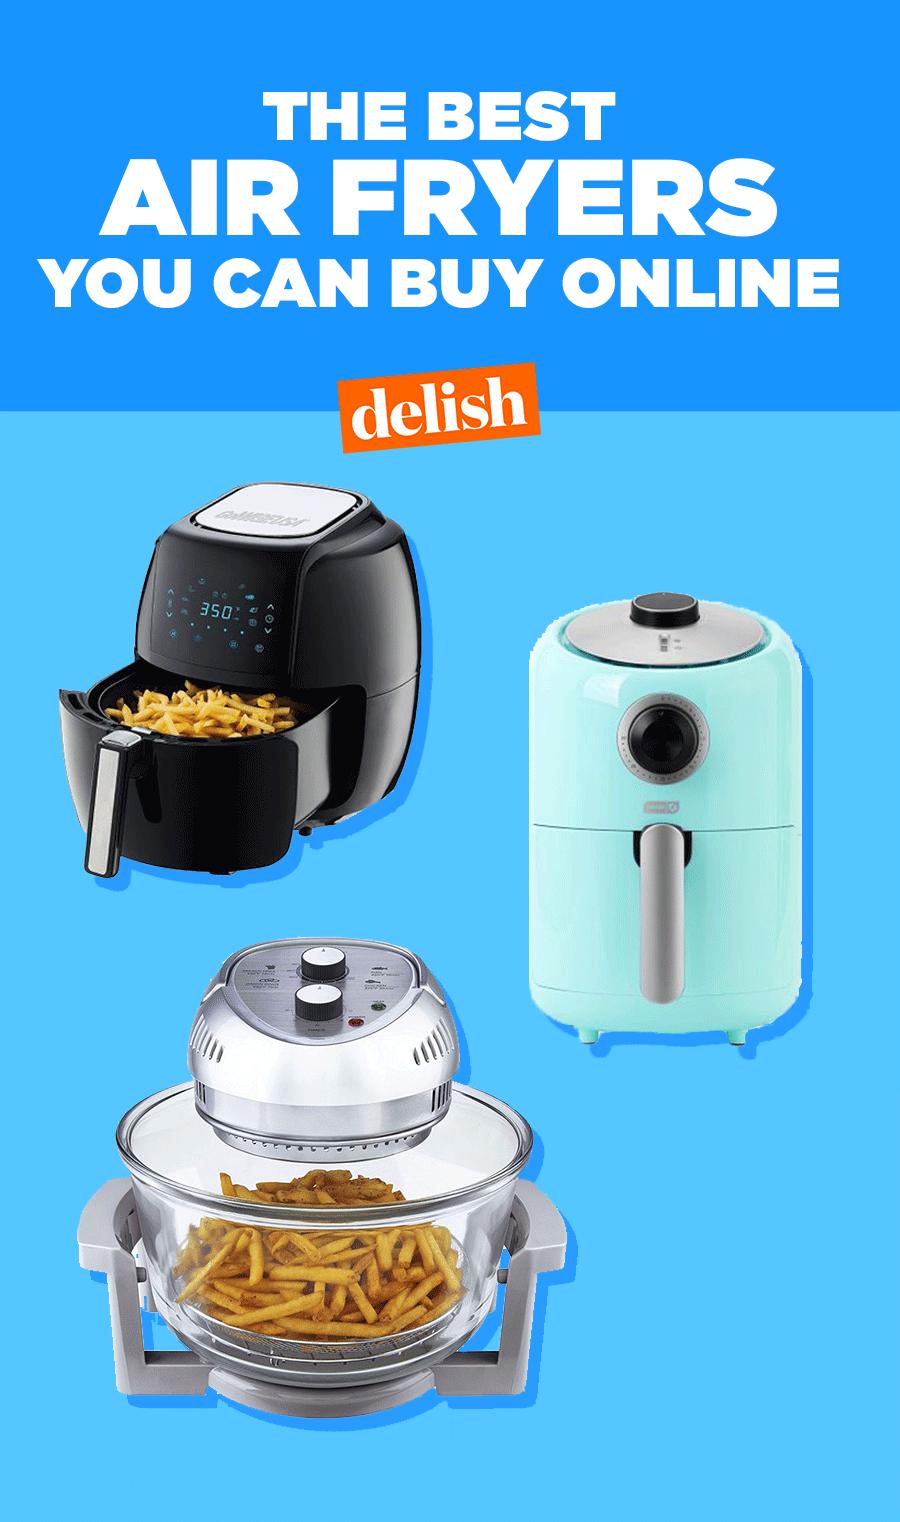 10 Best Air Fryers-Air Fryers To Shop—Delish.com